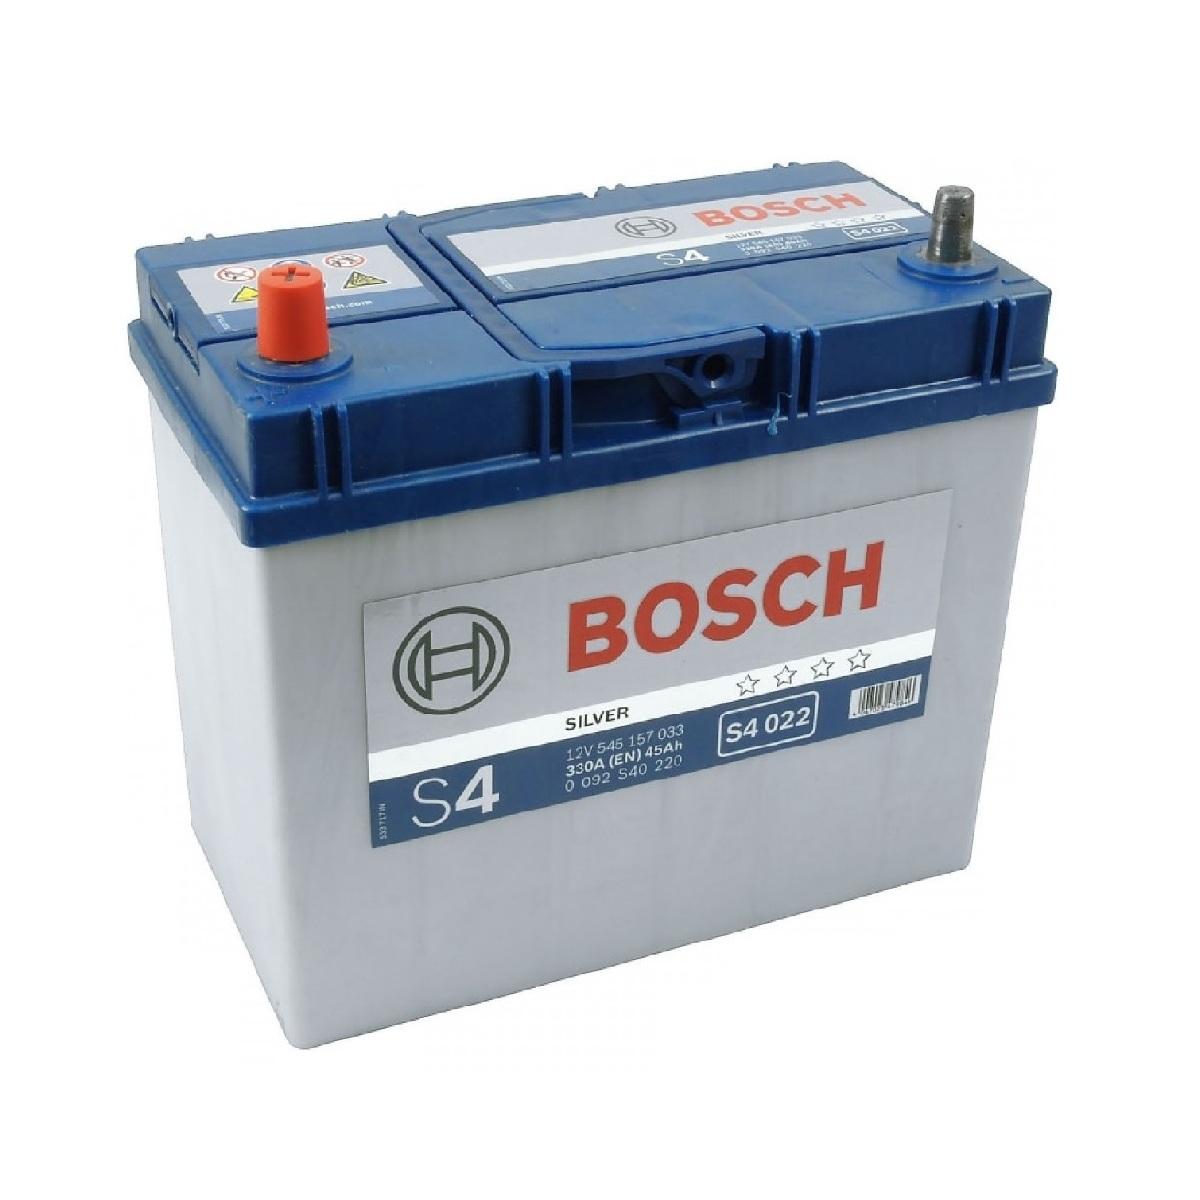 Купить Аккумулятор Bosch 45Ah S4 Silver (1) 330A Asia тонкие клеммы S4022